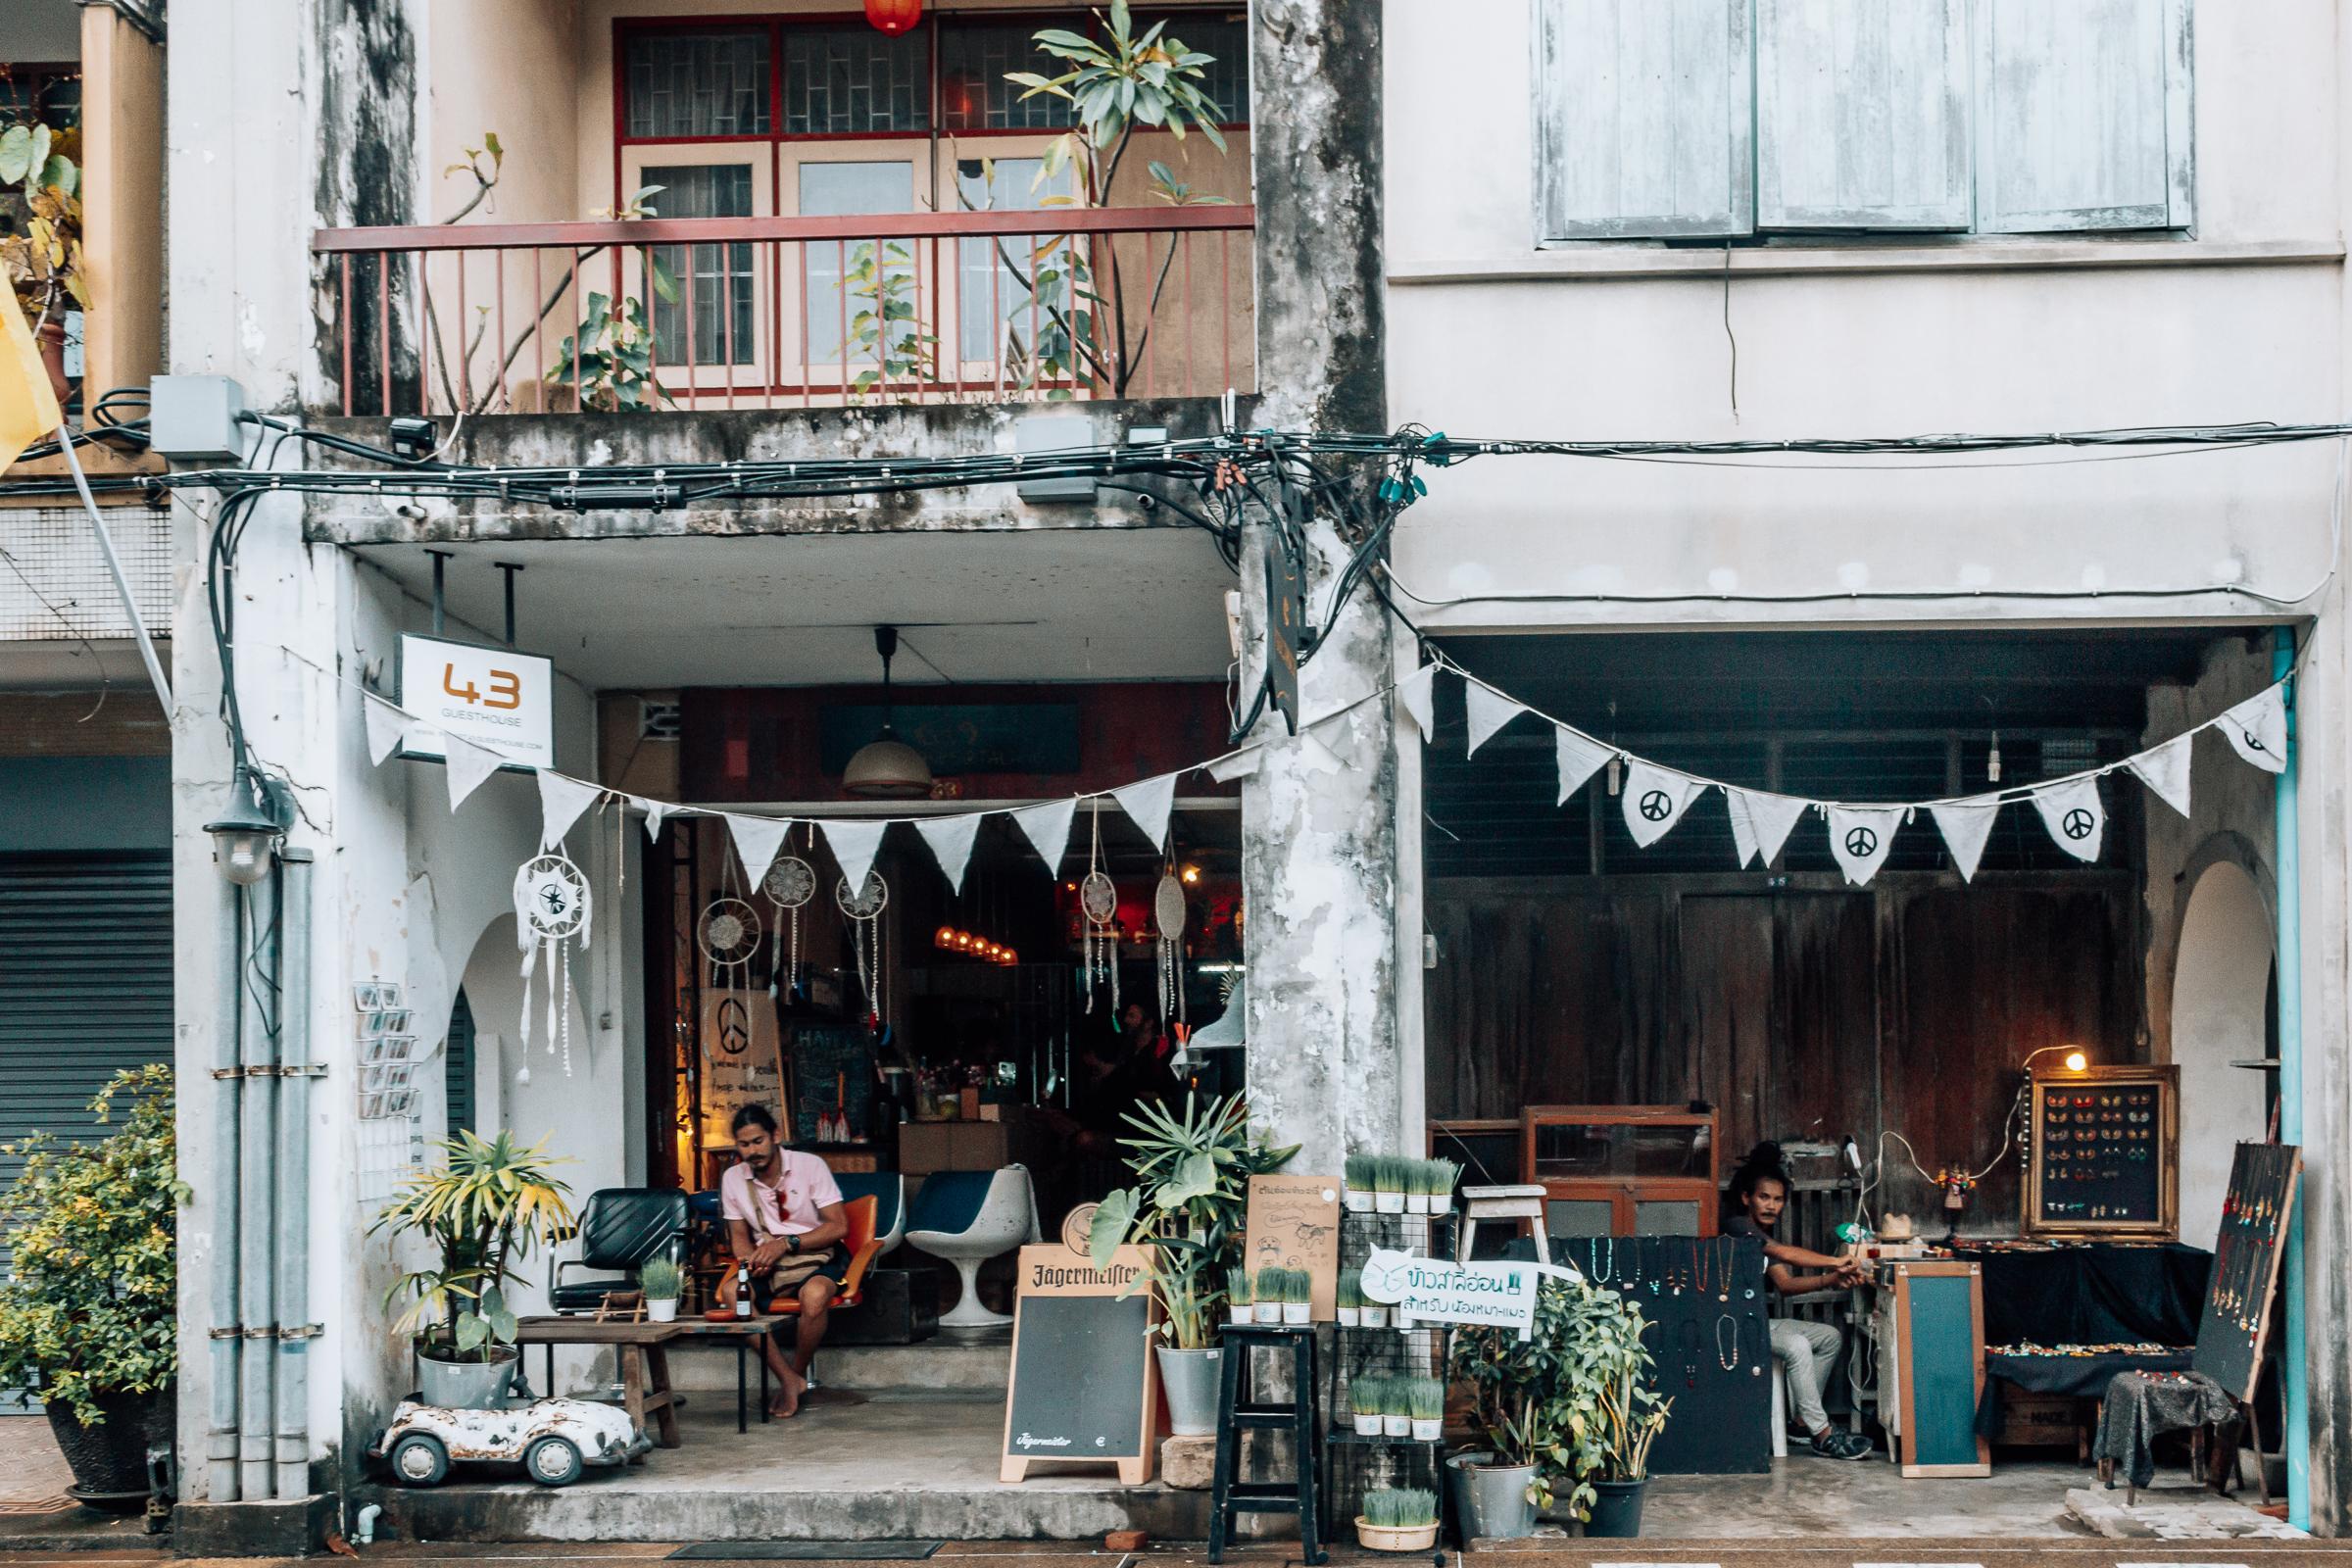 Phuket Stadt Sehenswürdigkeiten und Street Food